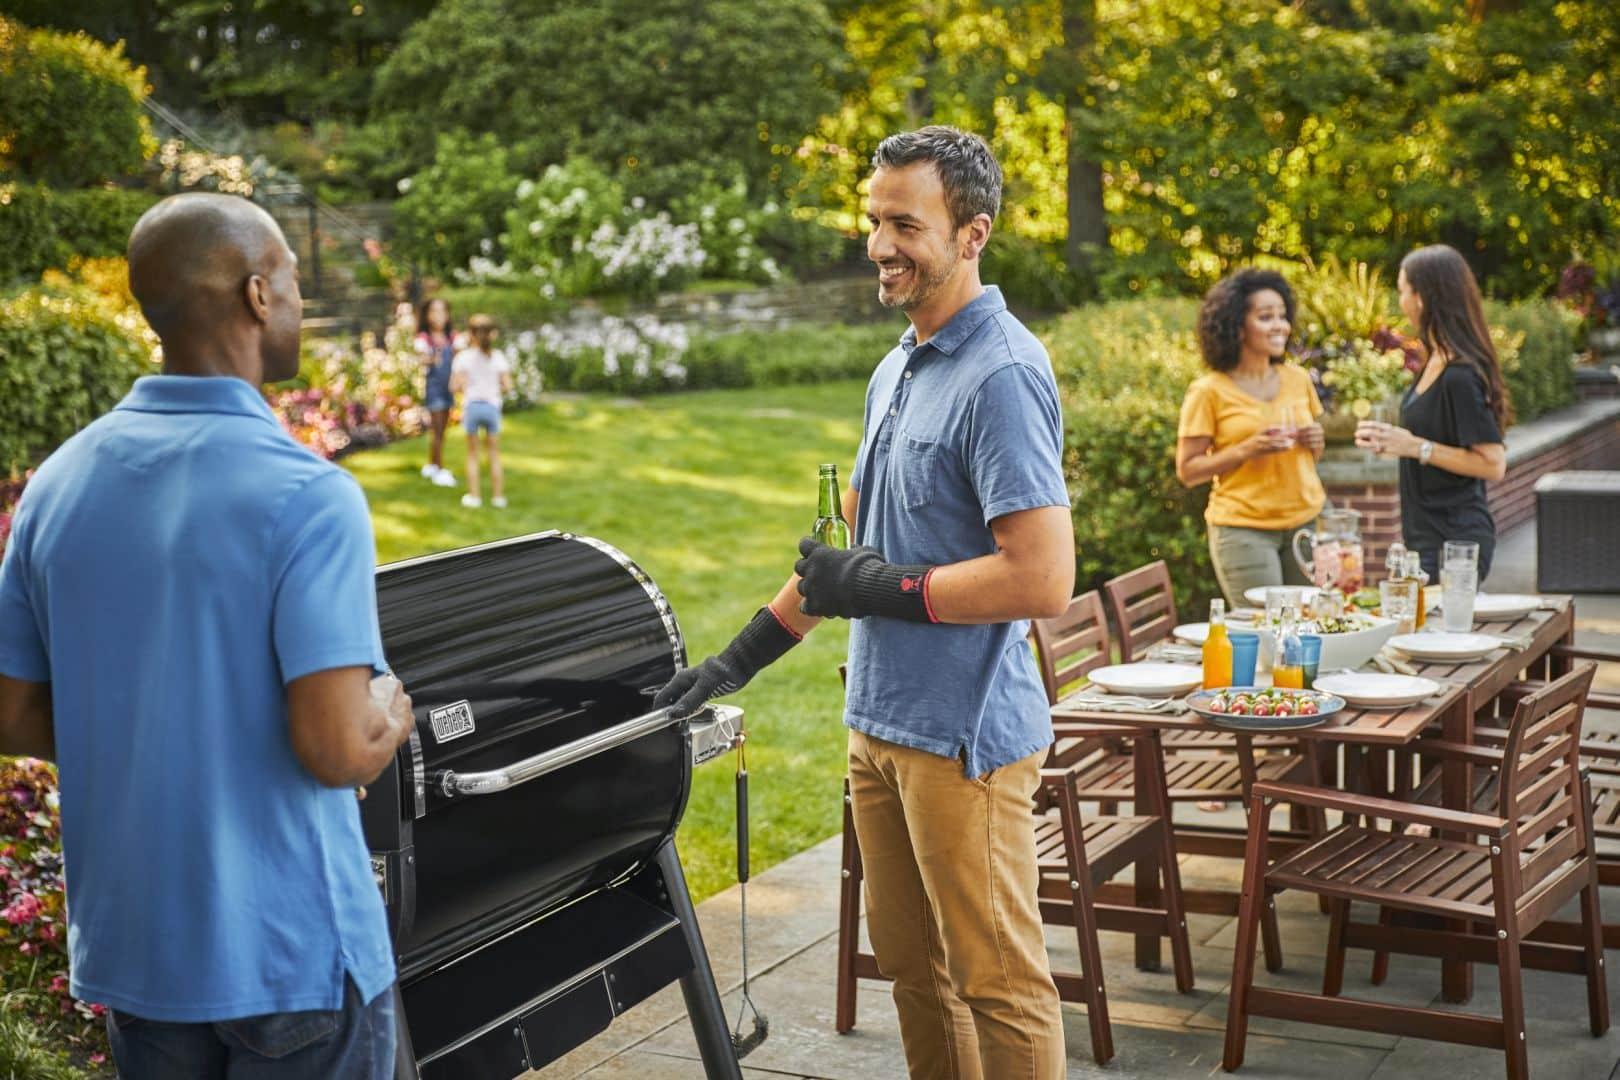 Hit tejto sezóny a delikátnu chuť mäska ktoré grilujete vám umožní – gril SmokeFire